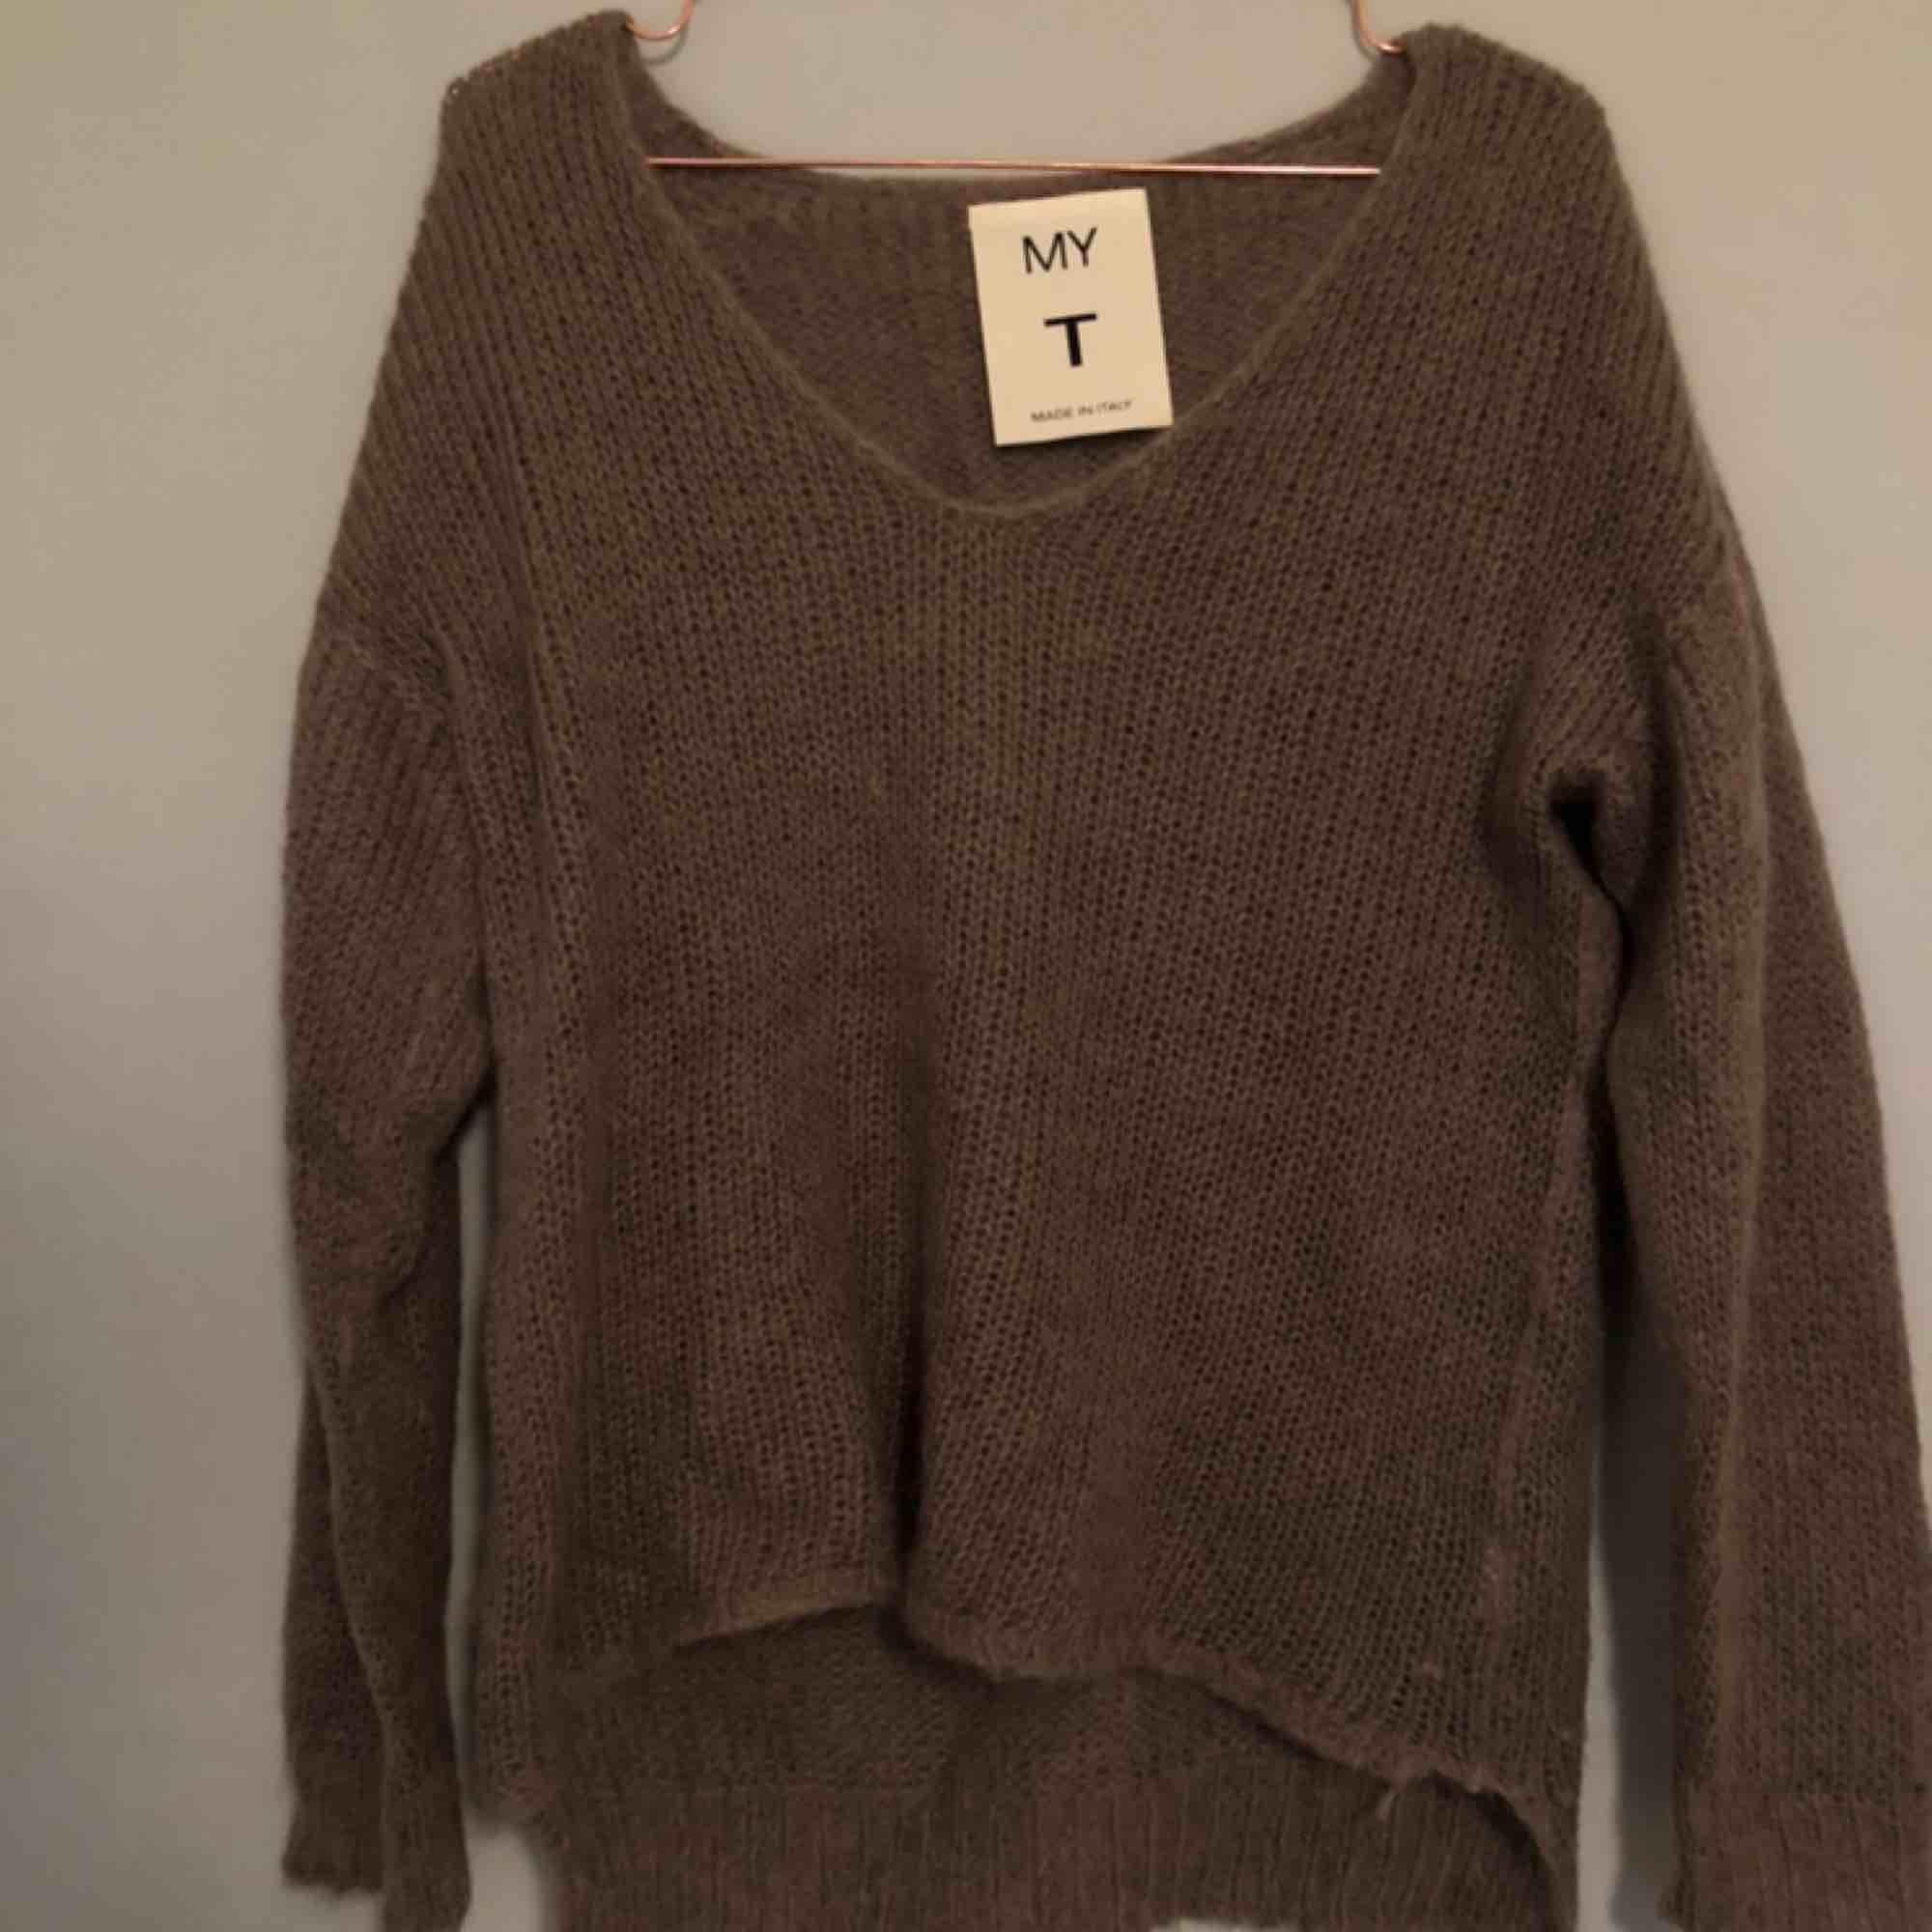 """Superfin stickad tröja från """"My T"""" i mohairmix👼🏼är i S men passar de flesta, beroende på önskad passform🧚🏼♀️ Fin brun färg och perfekt nu till hösten & använd ca 2-3 ggr🙏🏻 köparen står för frakt. Stickat."""